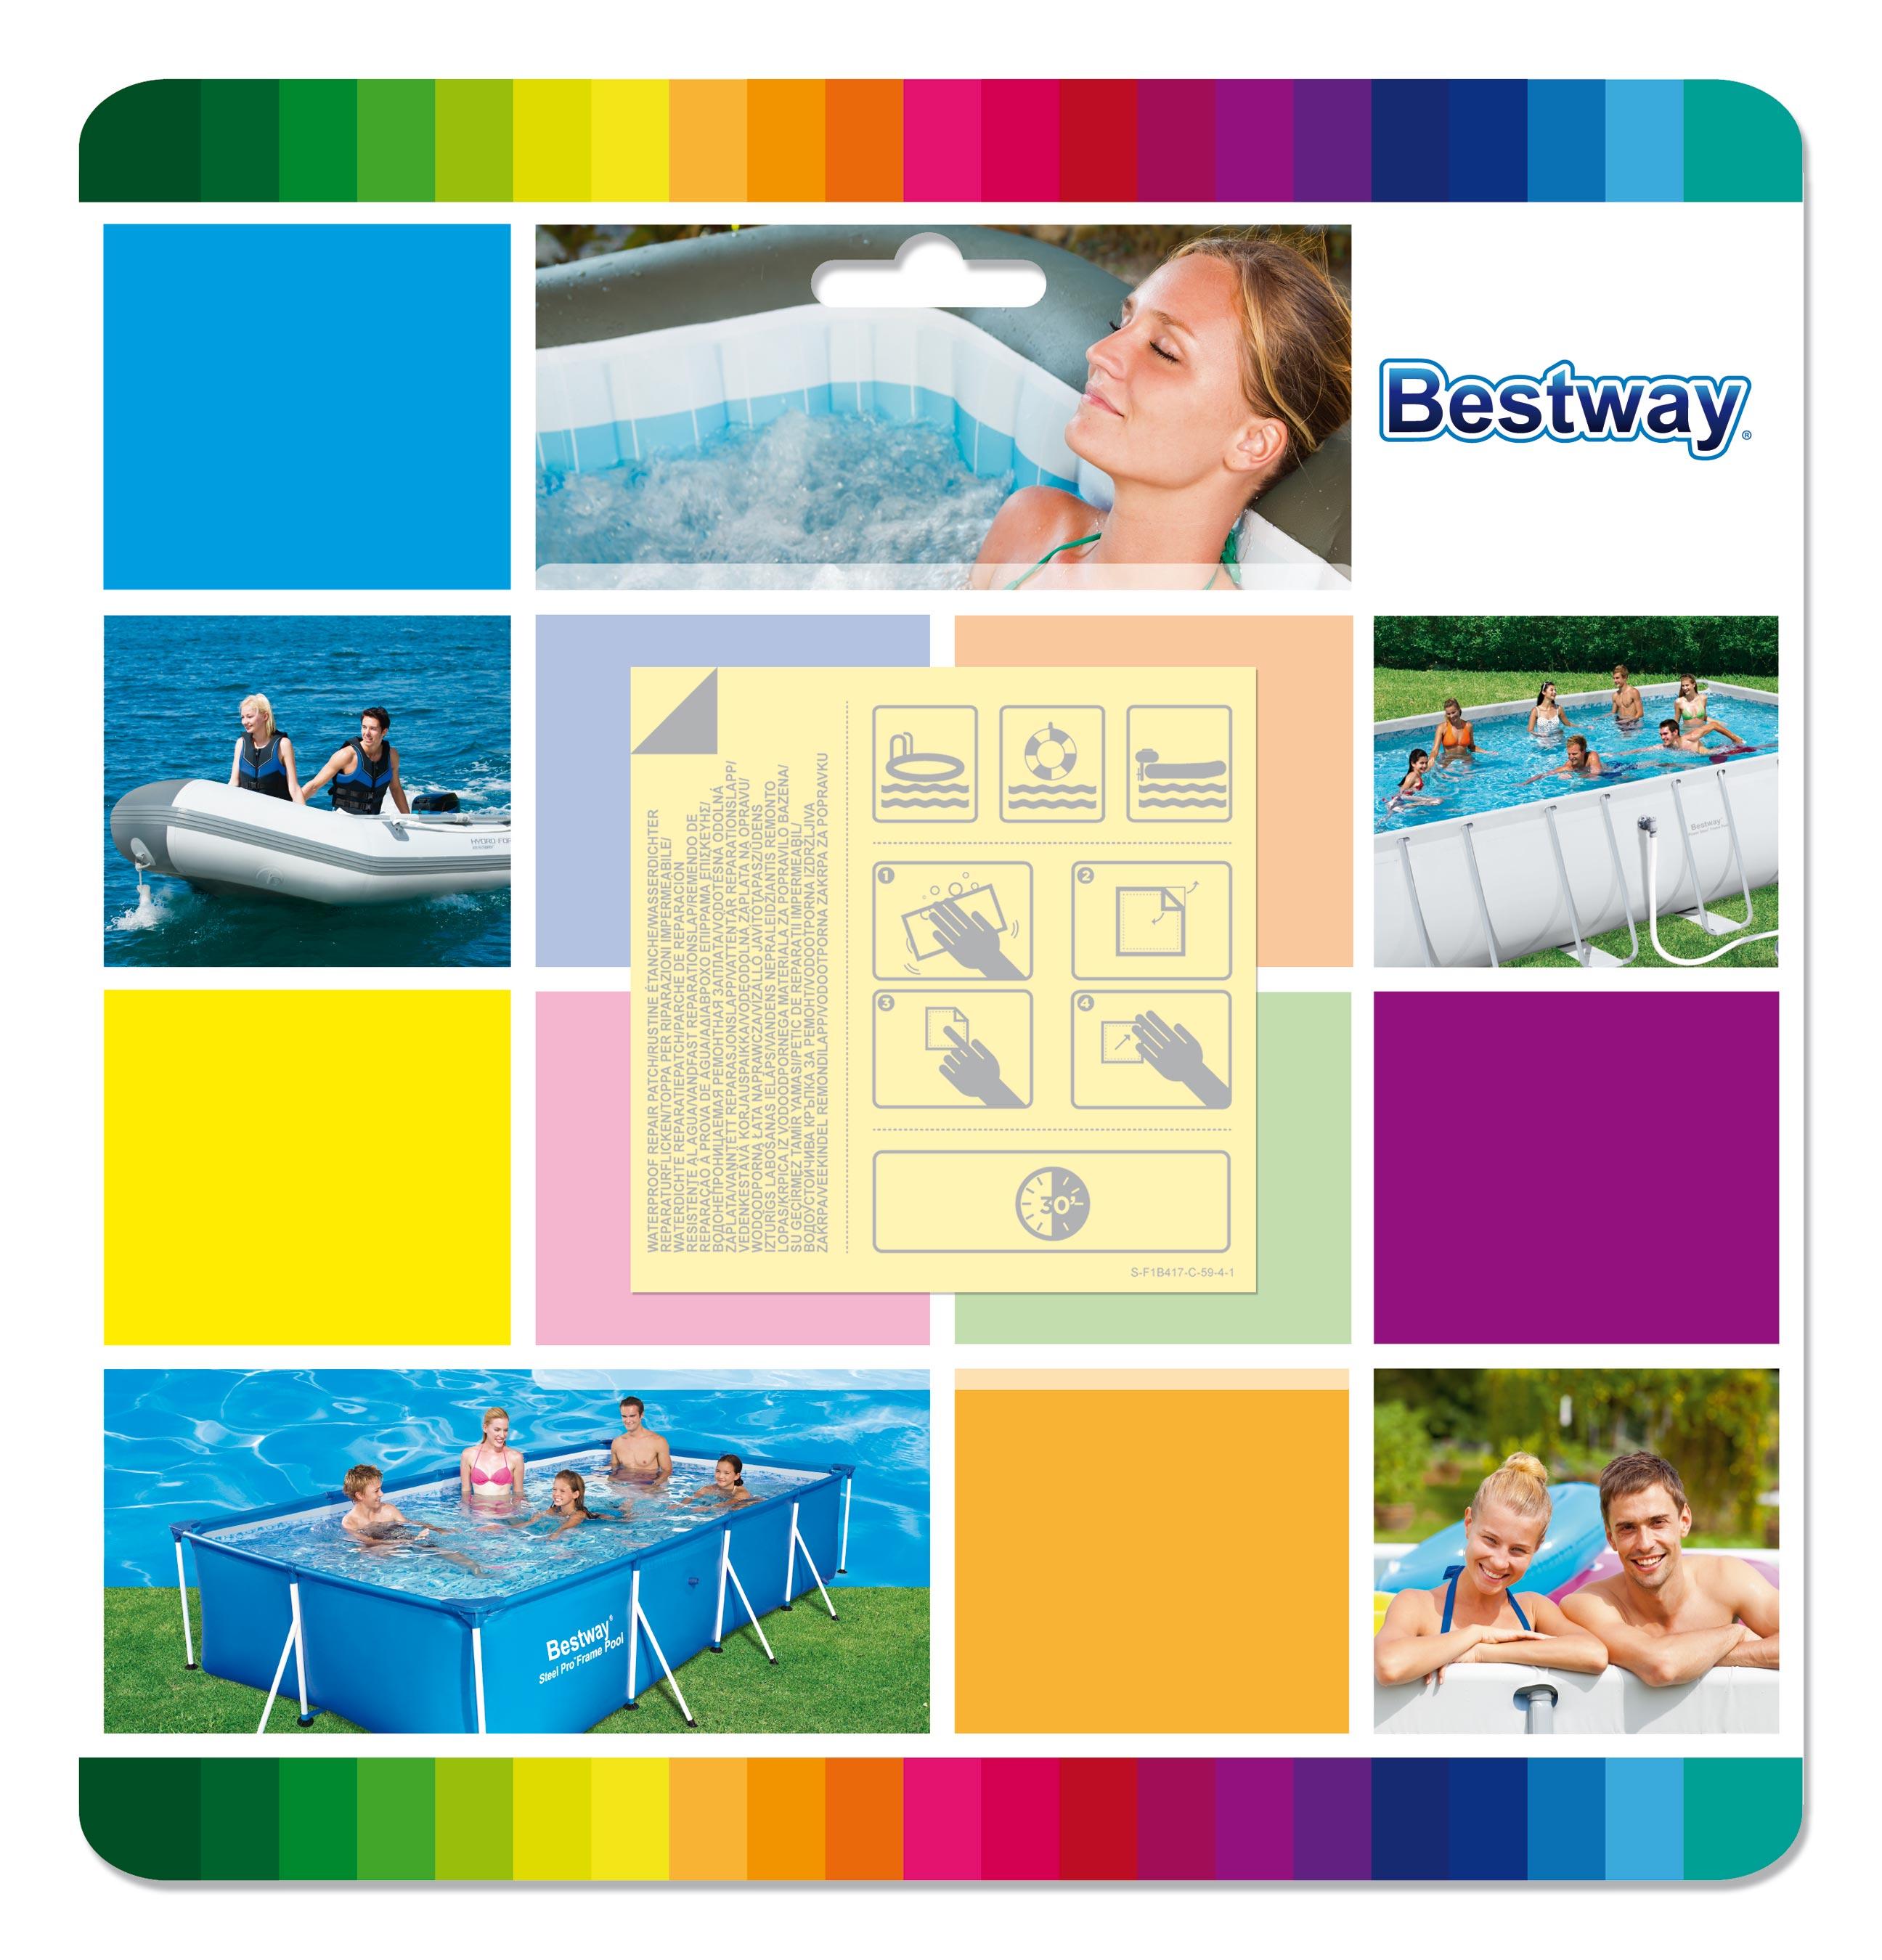 Reparaturflicken Bestway wasserfest 6,5x6,5cm 10 Stück Bild 1